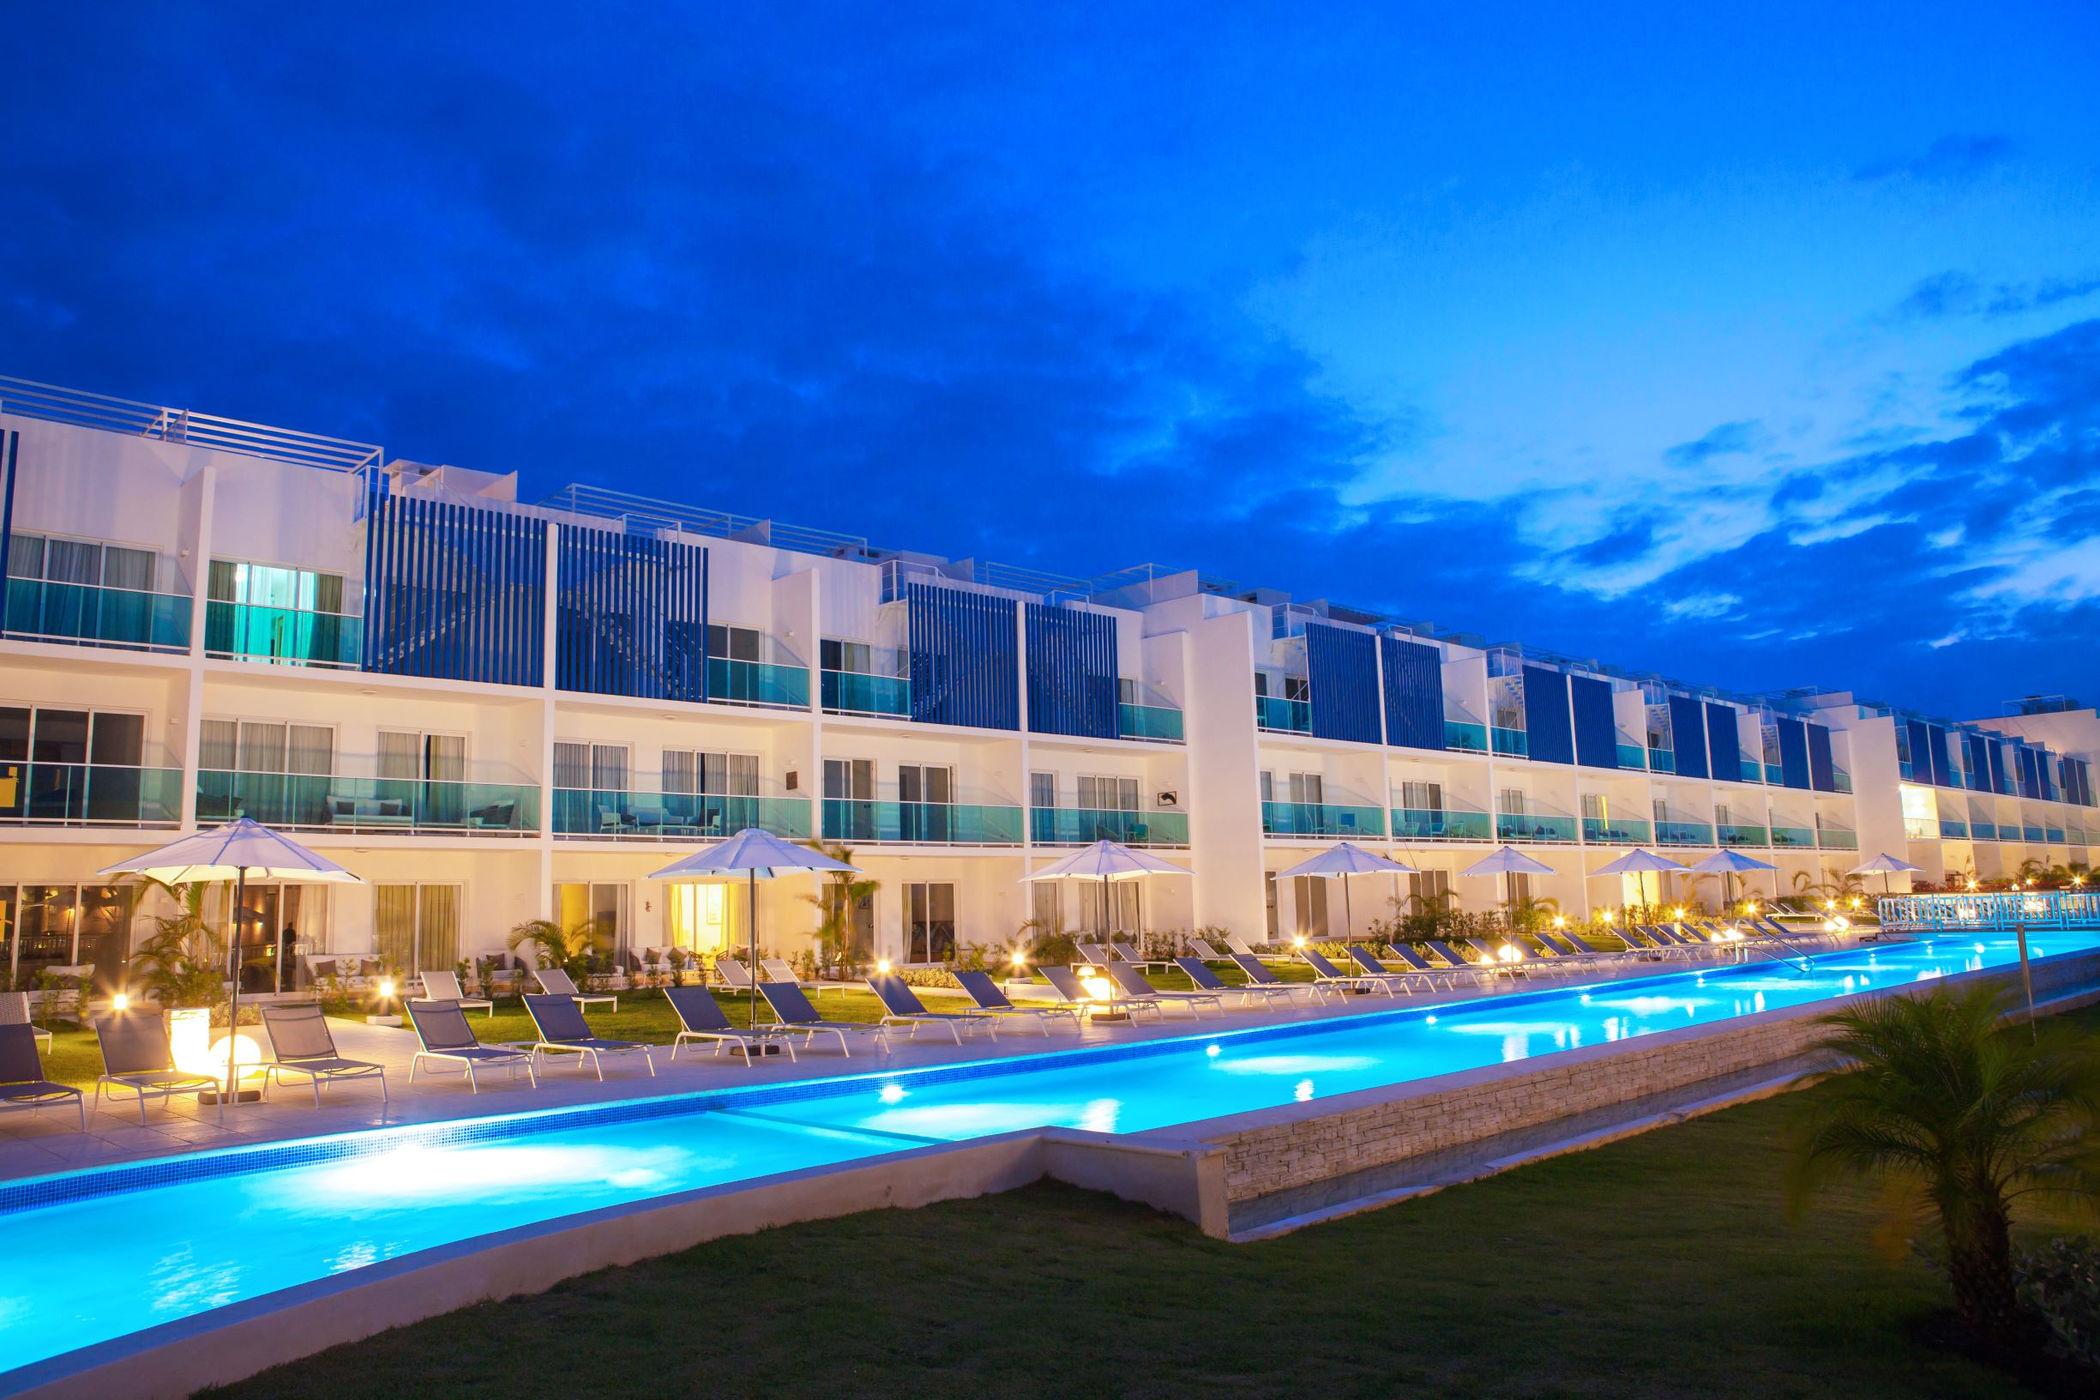 Condominios en el nuevo y sorprendente Hotel Coral House Suites